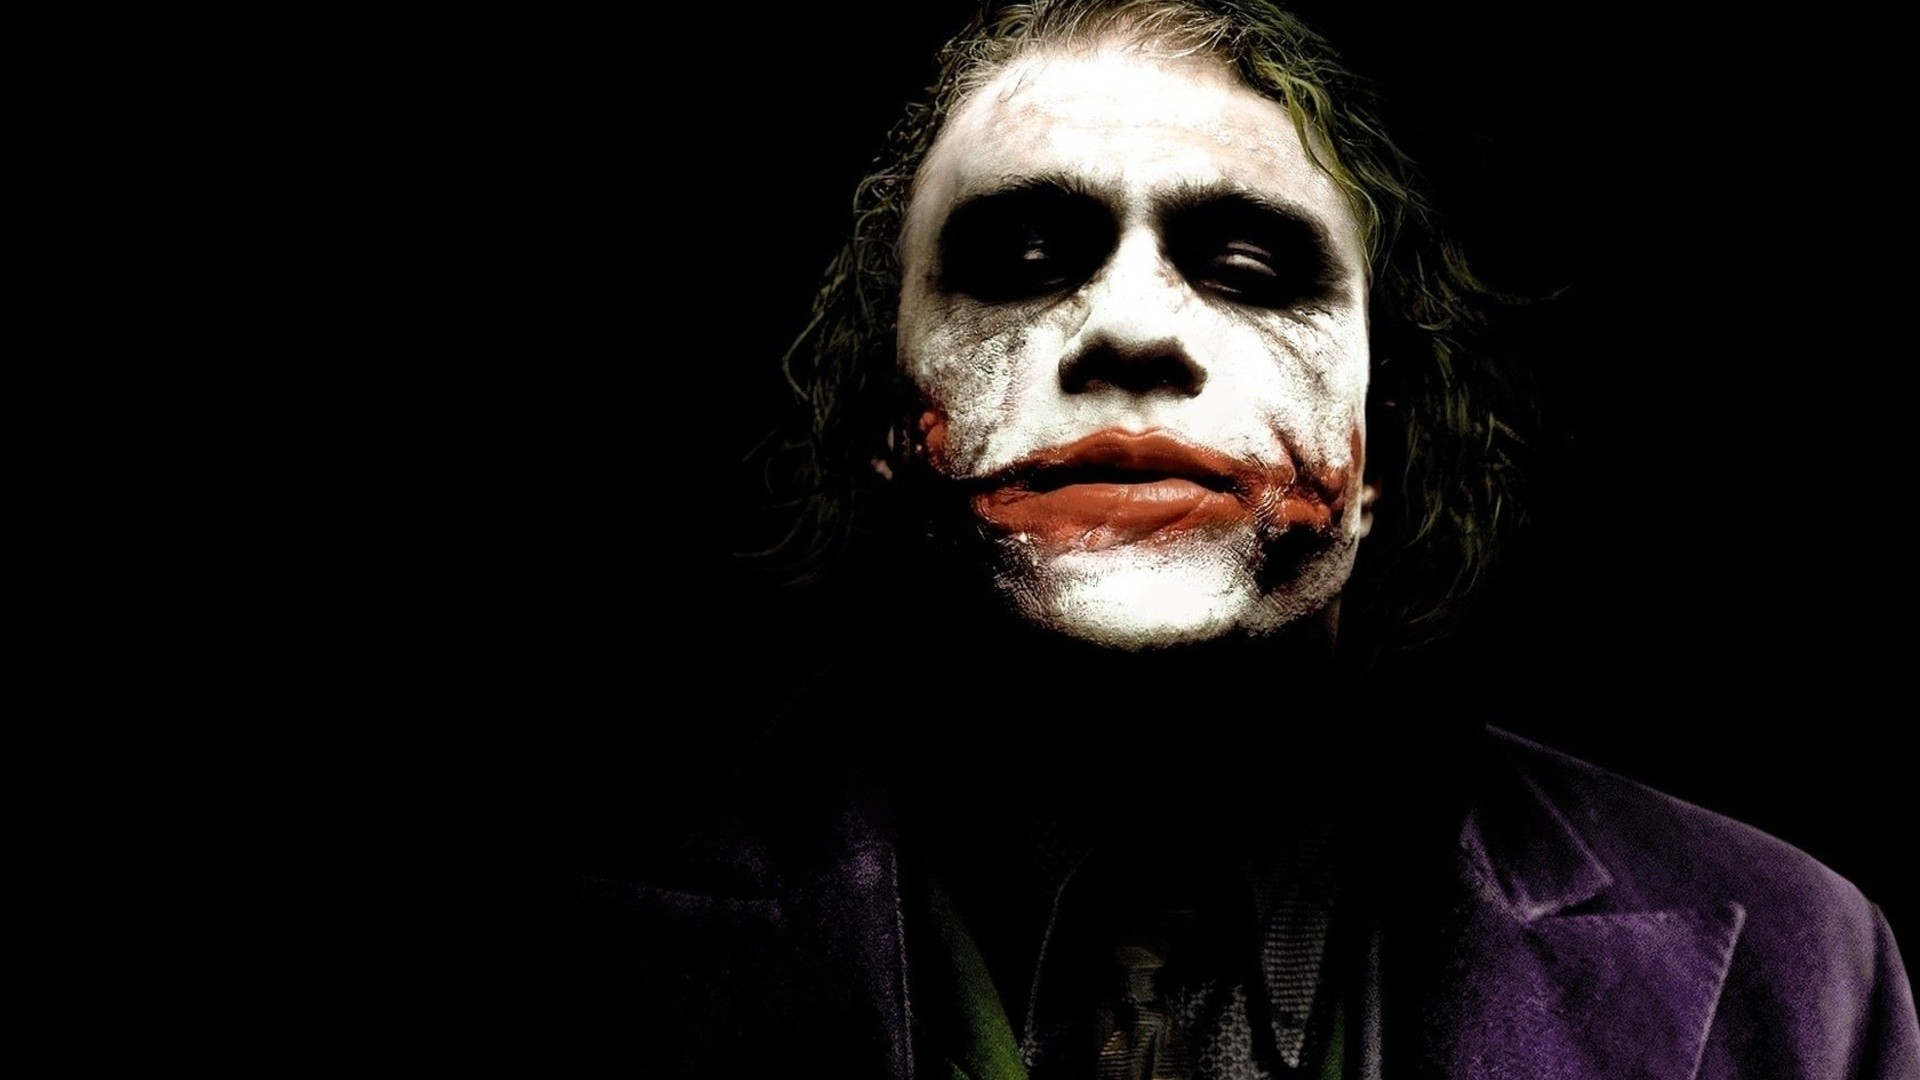 蝙蝠侠2小丑_求蝙蝠侠小丑的图片一张,就是这个袋子上的原图_百度知道